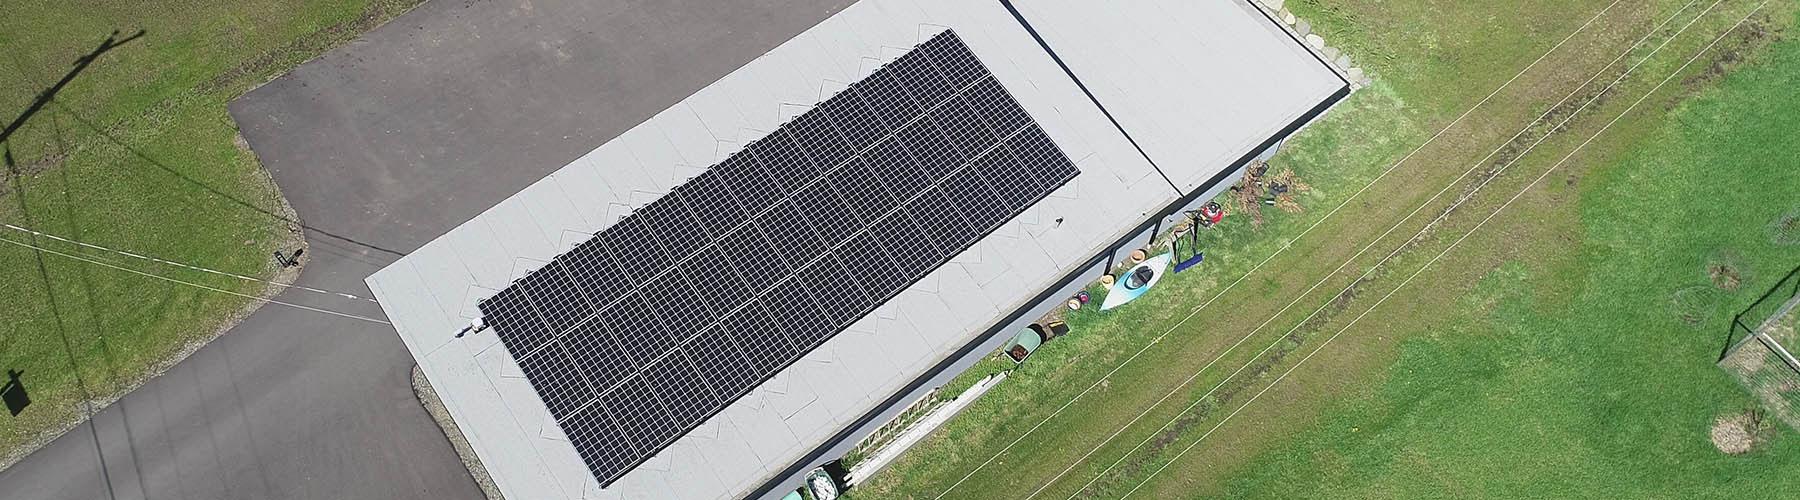 Solarpowerresidential2